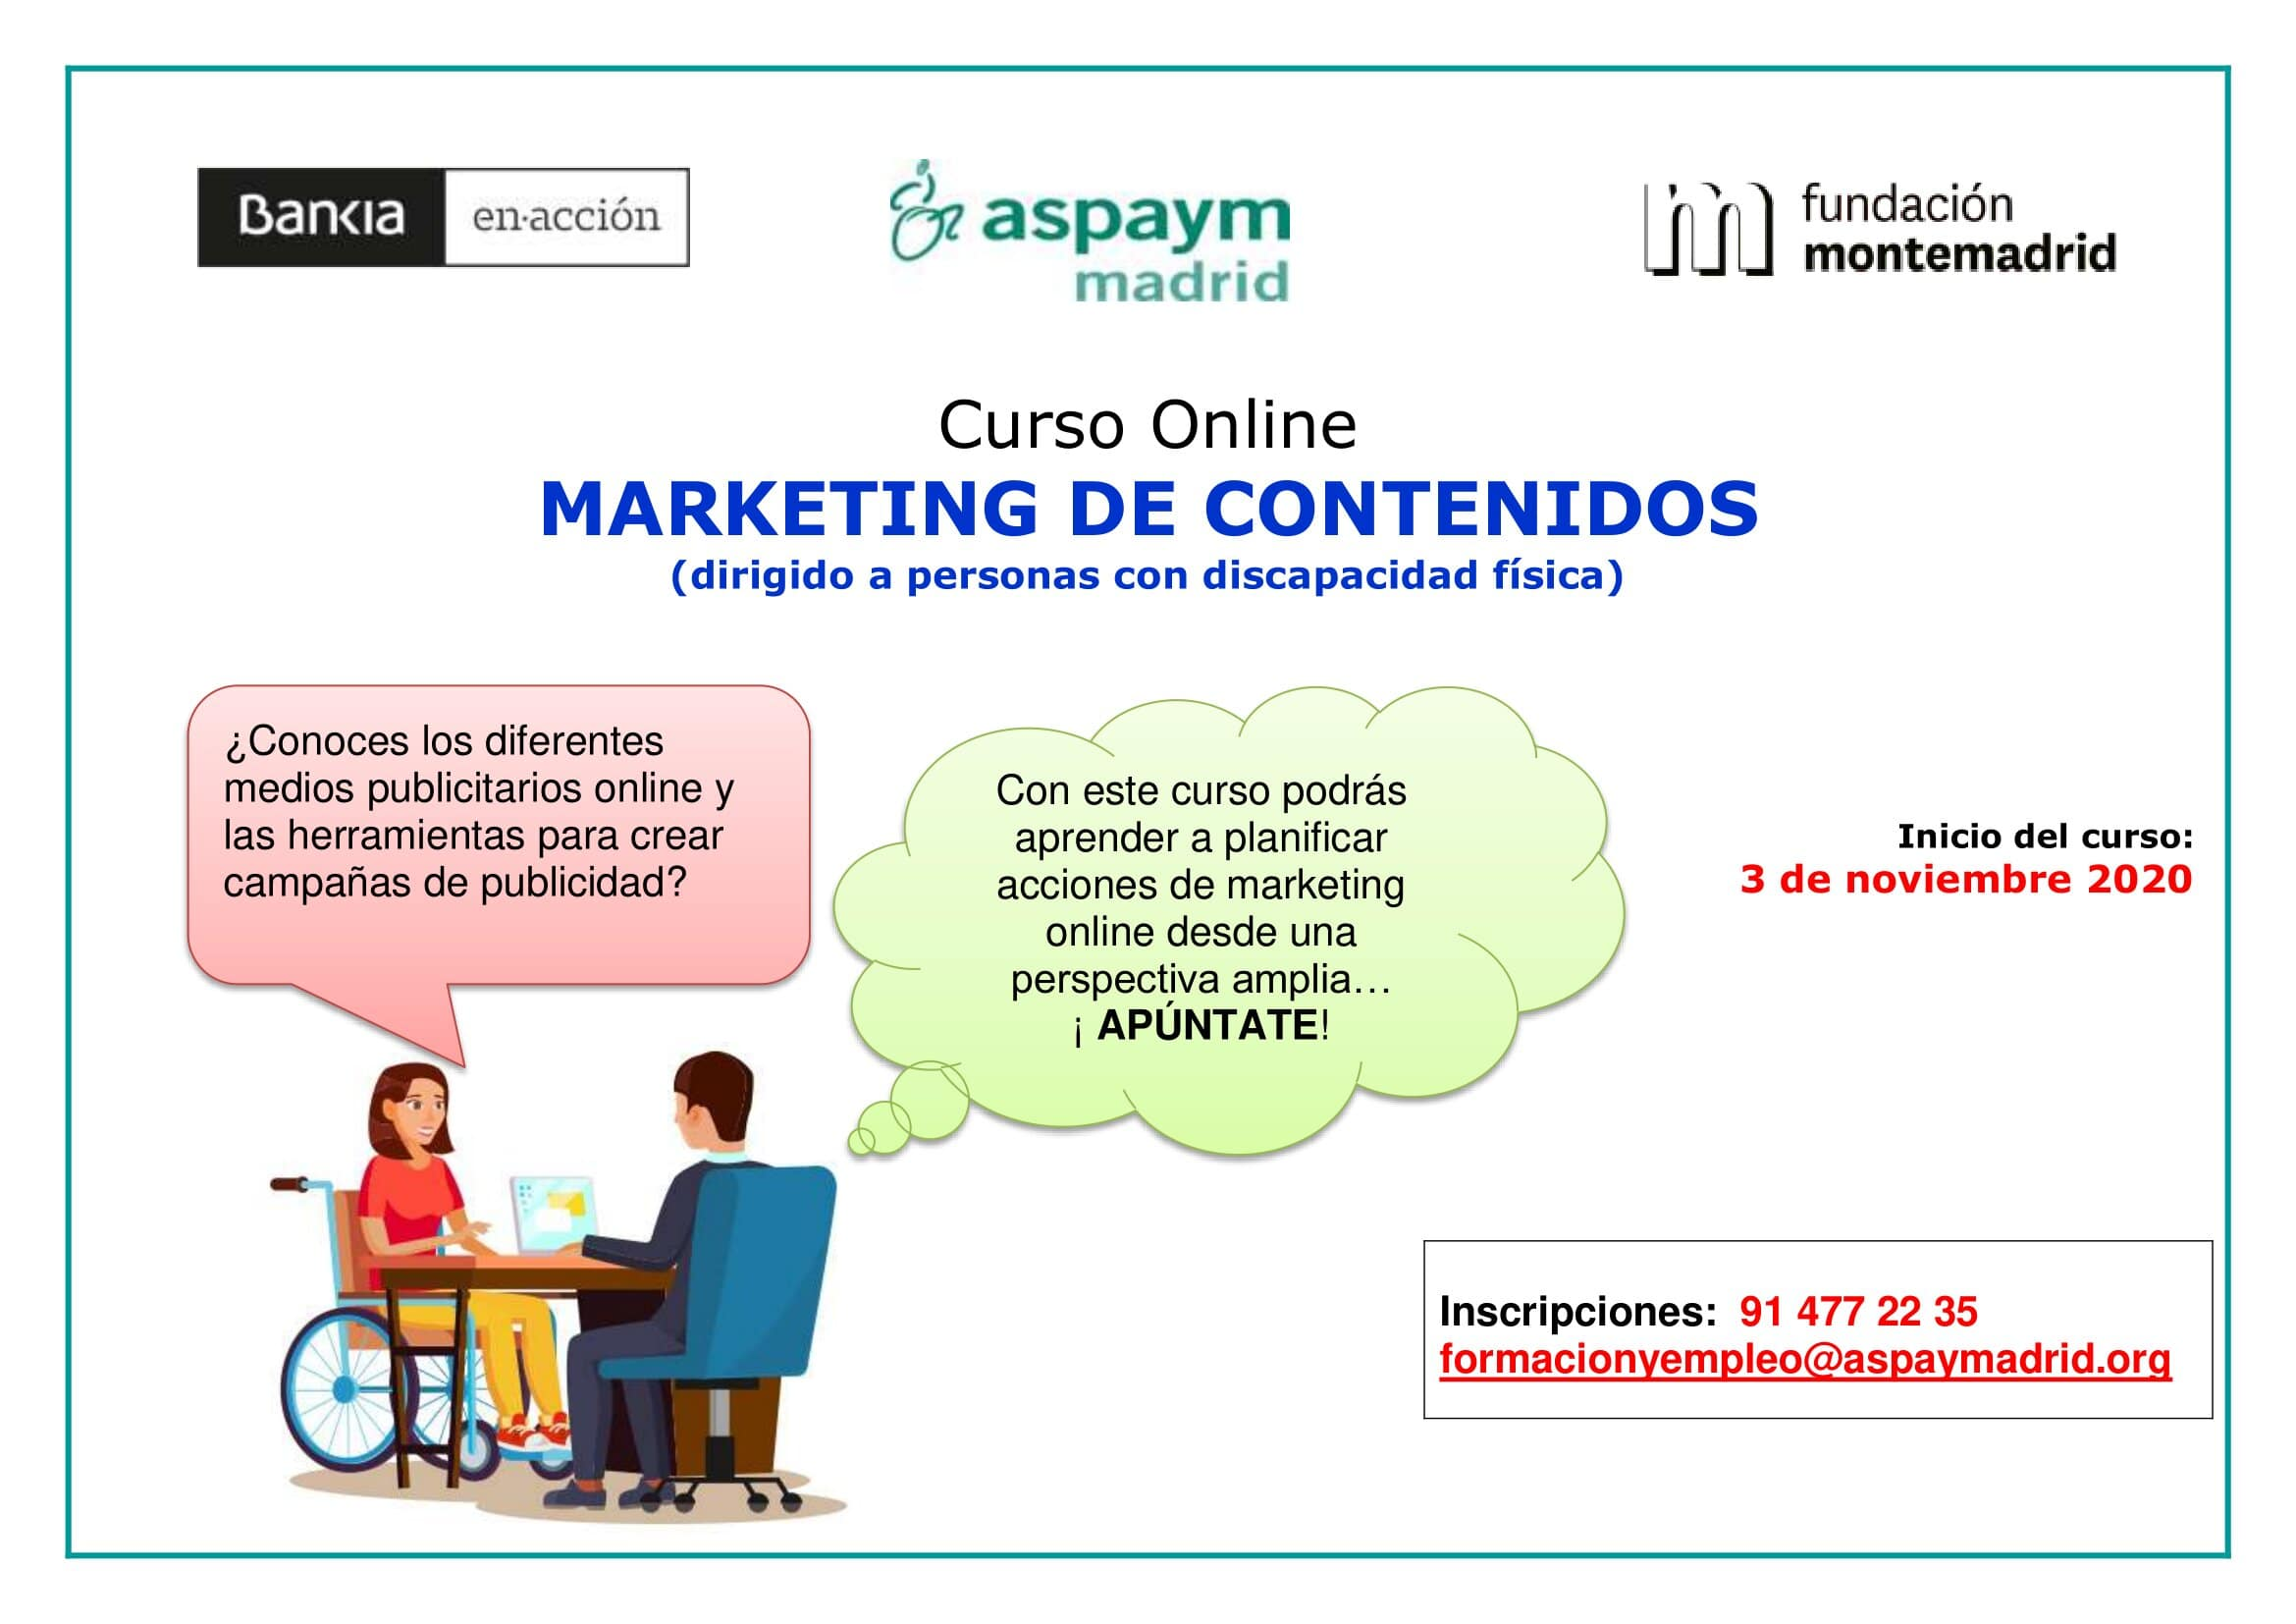 Curso online Marketing de contenidos